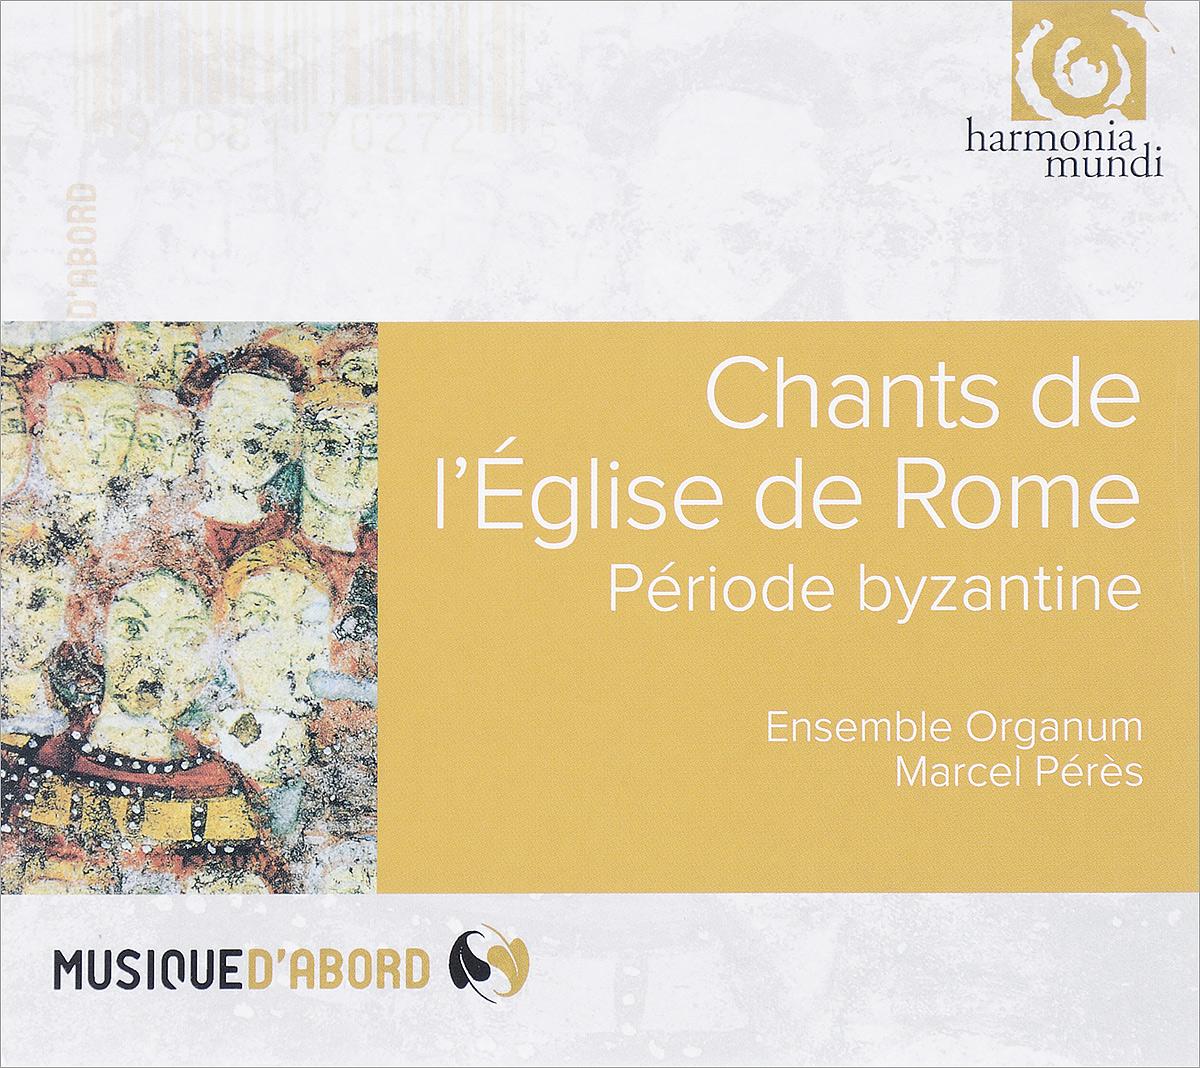 К изданию прилагается 8-страничная раскладка с дополнительной информацией на английском, немецком и французском языках.